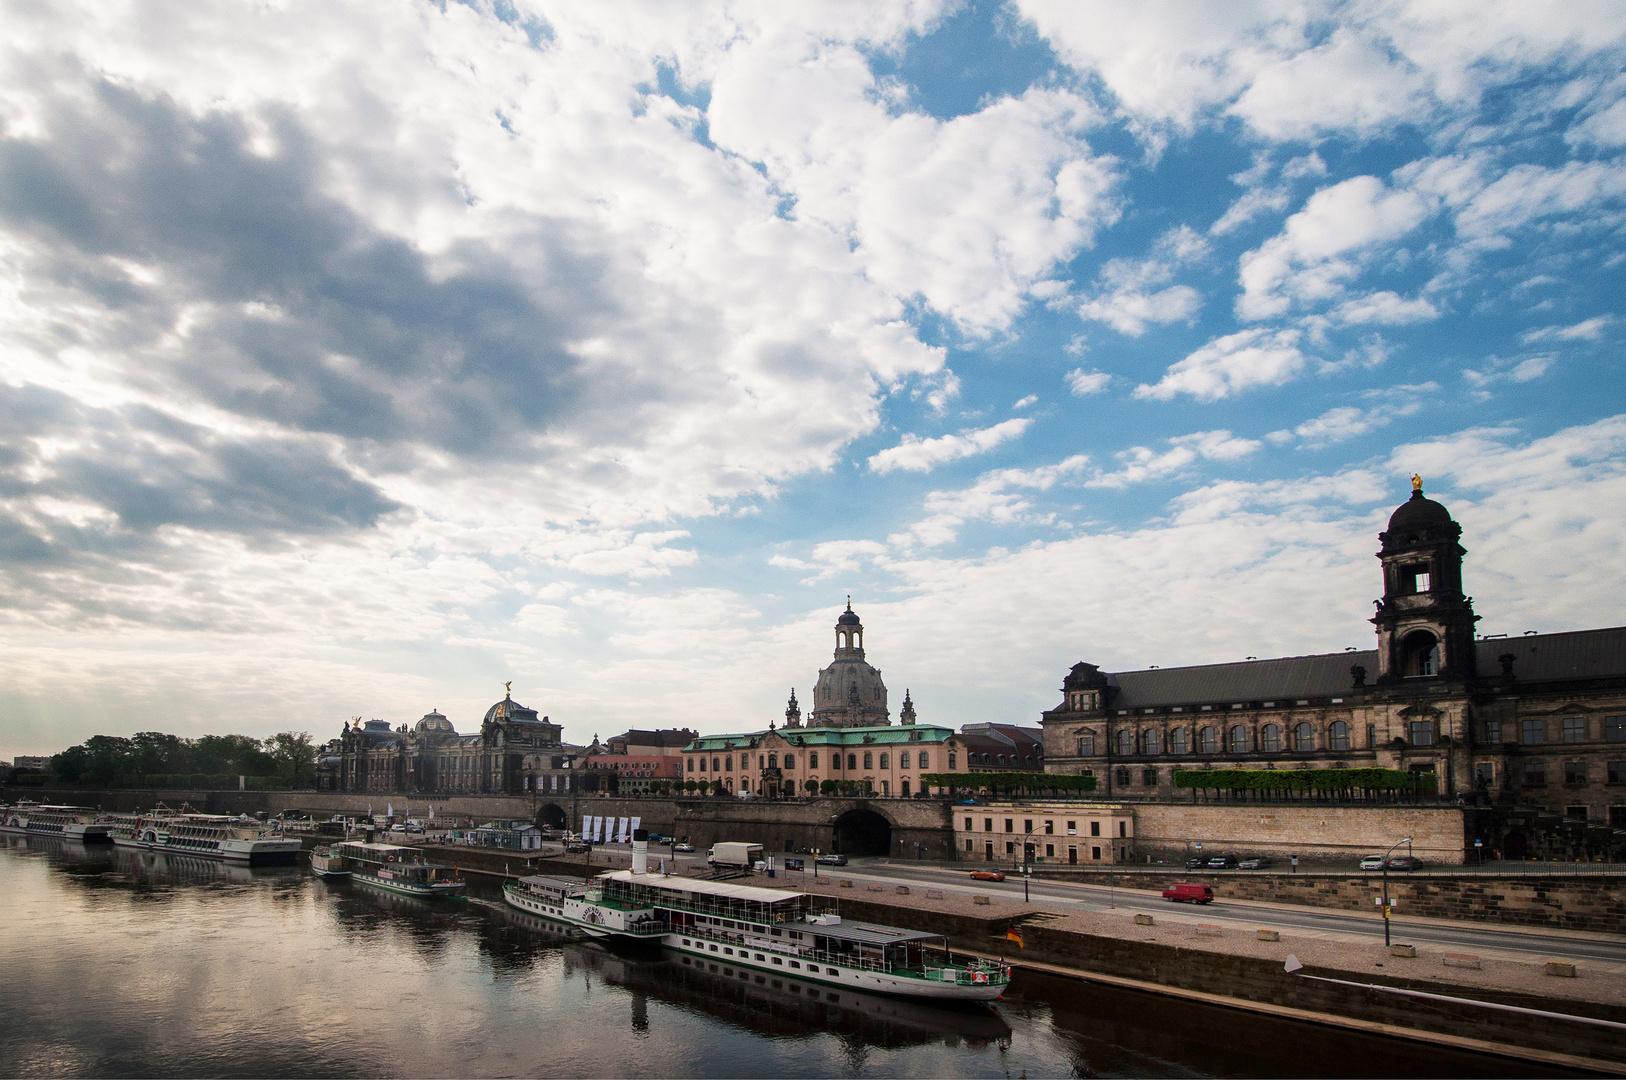 Die Stadt an der Elbe - unbearbeitet